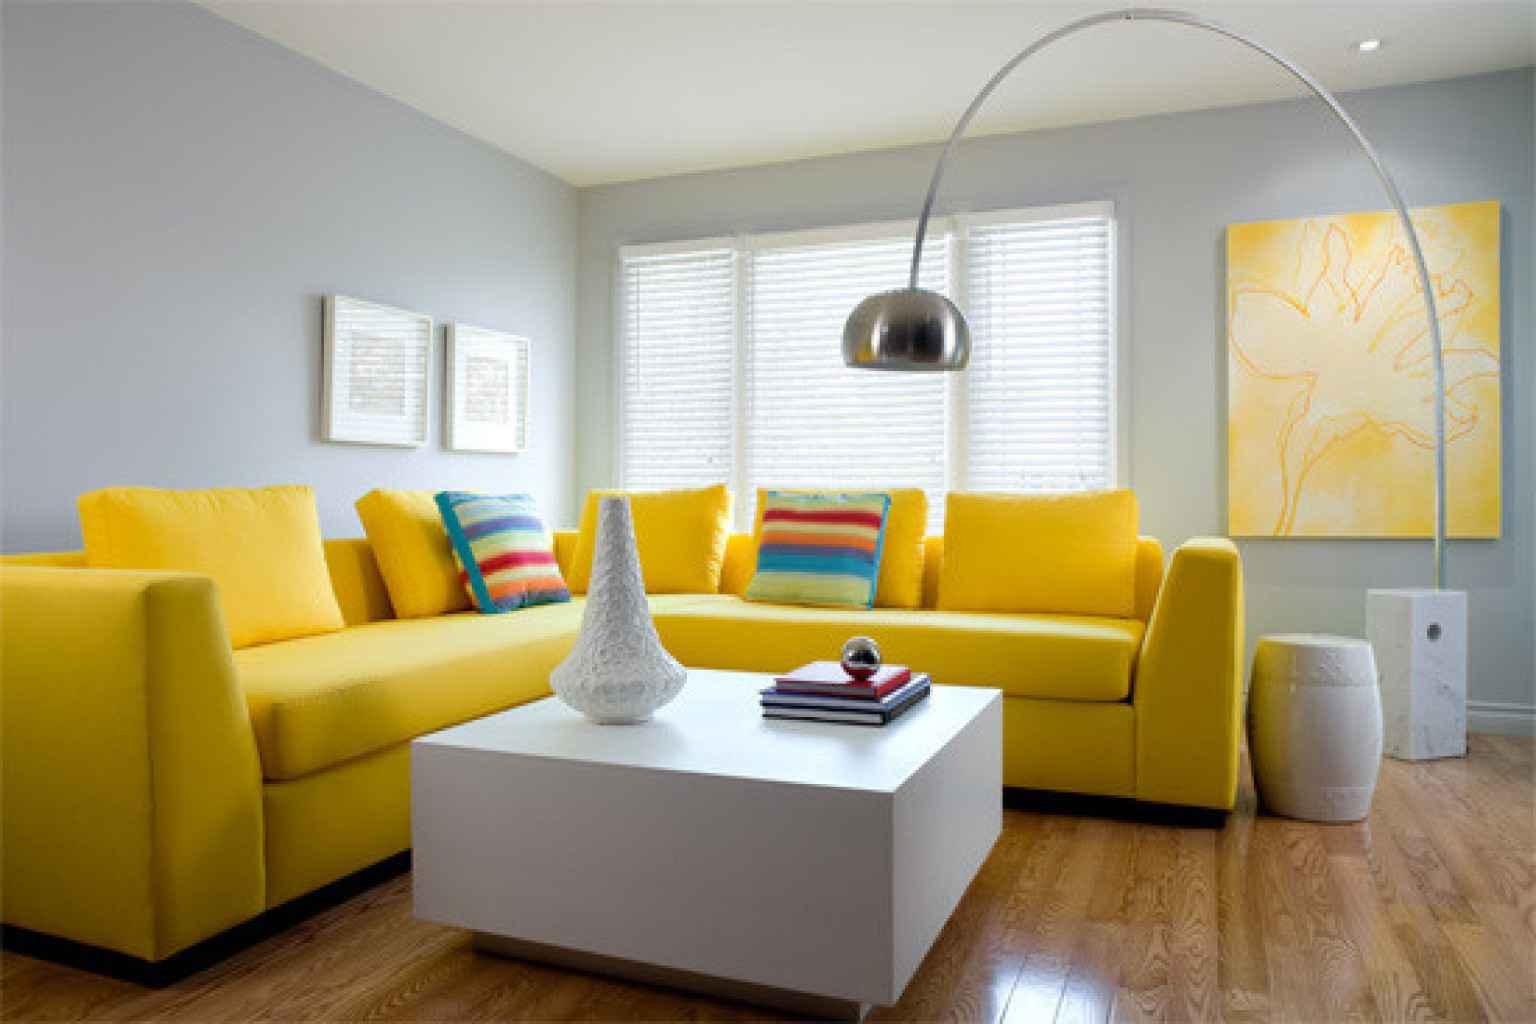 دکوراسیون داخلی منزل با رنگ زرد